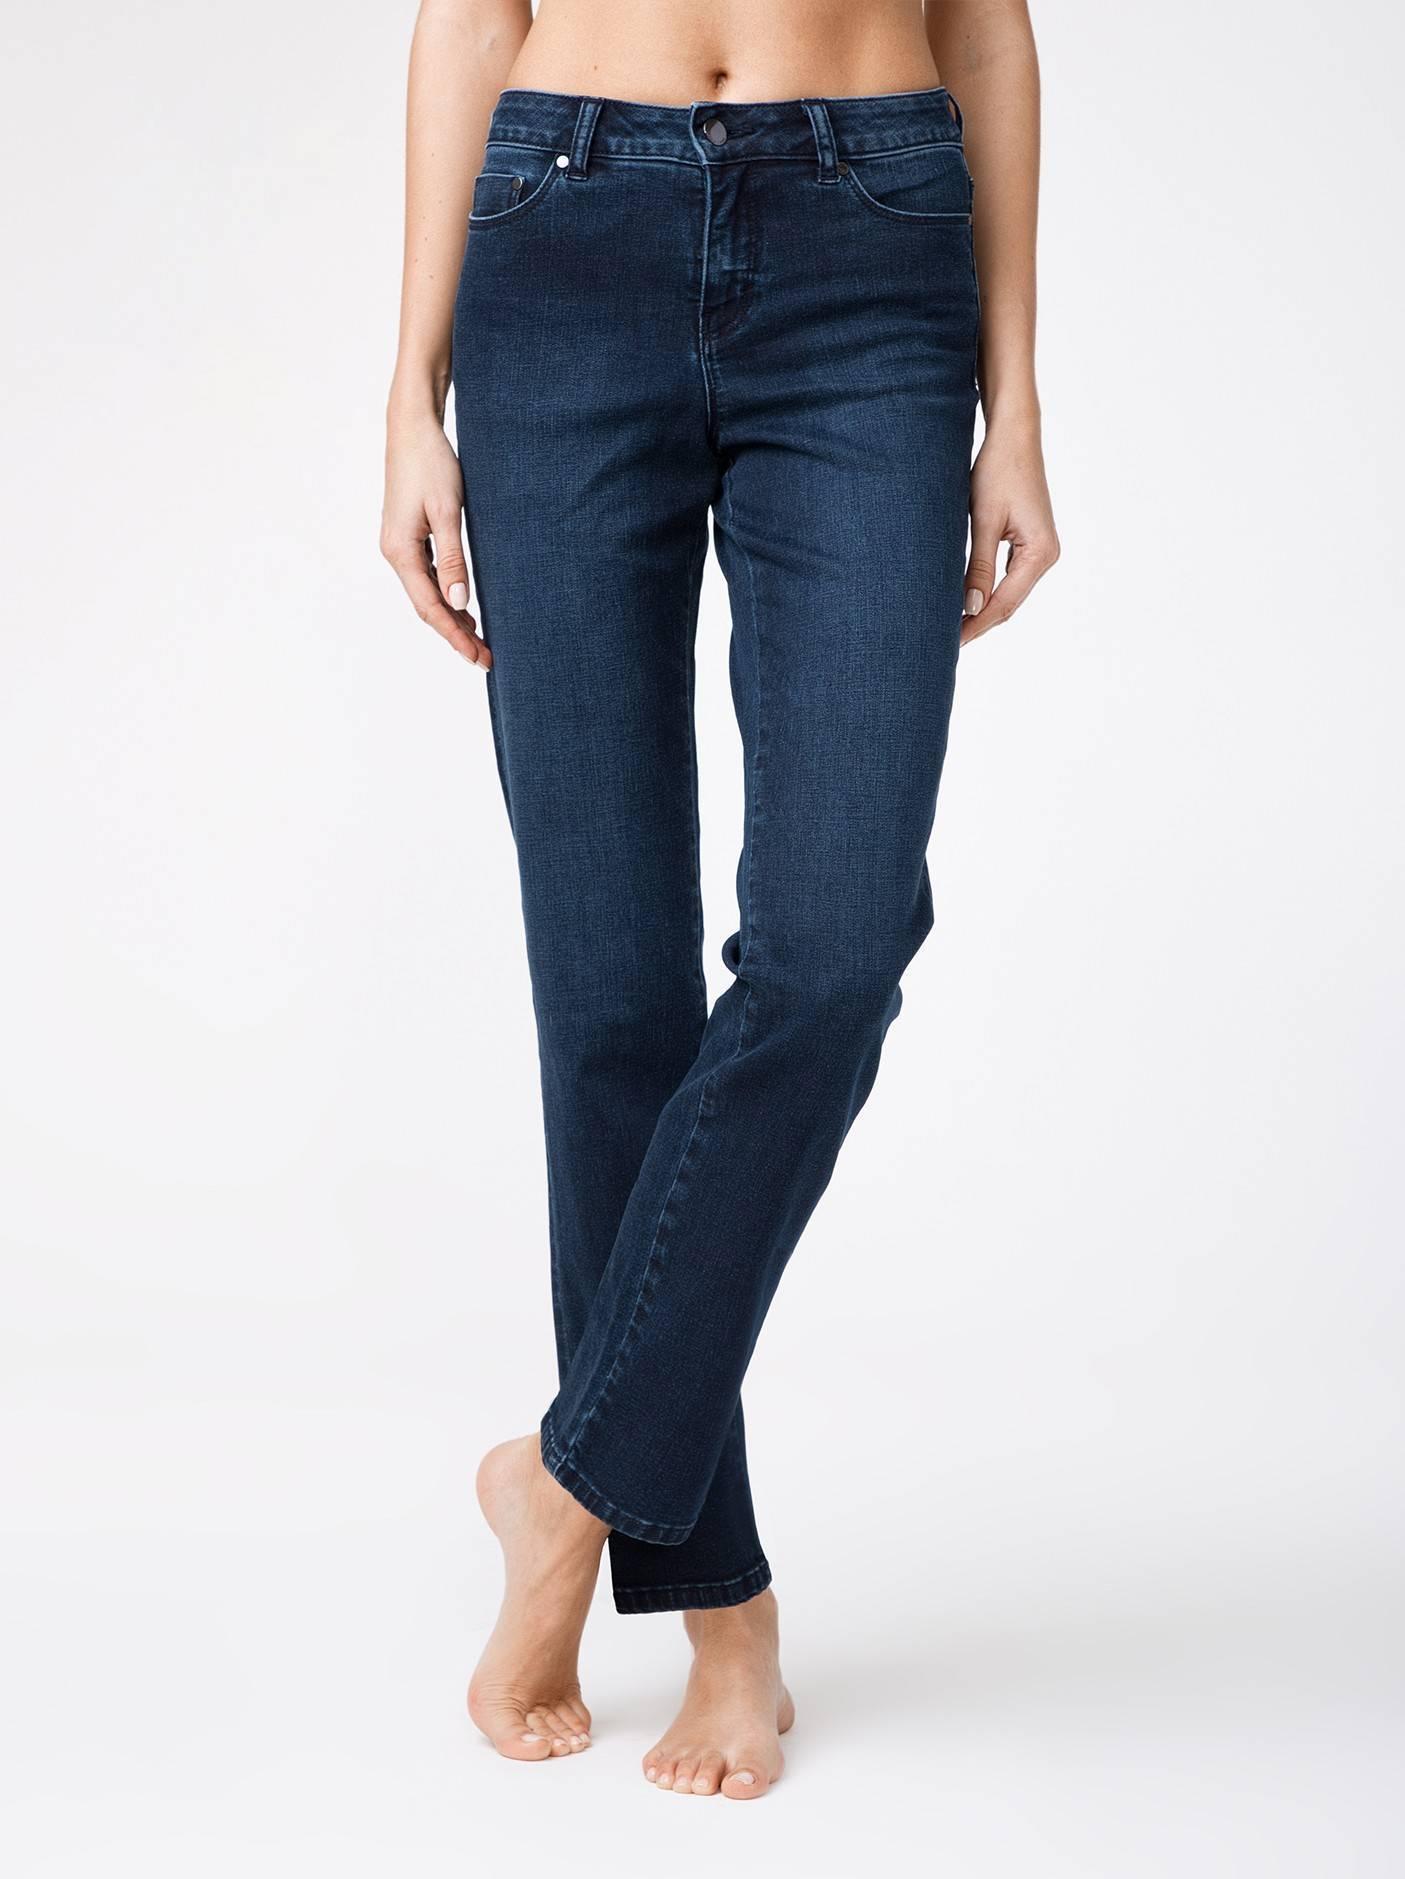 Брюки джинсовые женские ⭐️ Eco-friendly джинсы c эффектом «мгновенная коррекция живота» CON-136 ⭐️